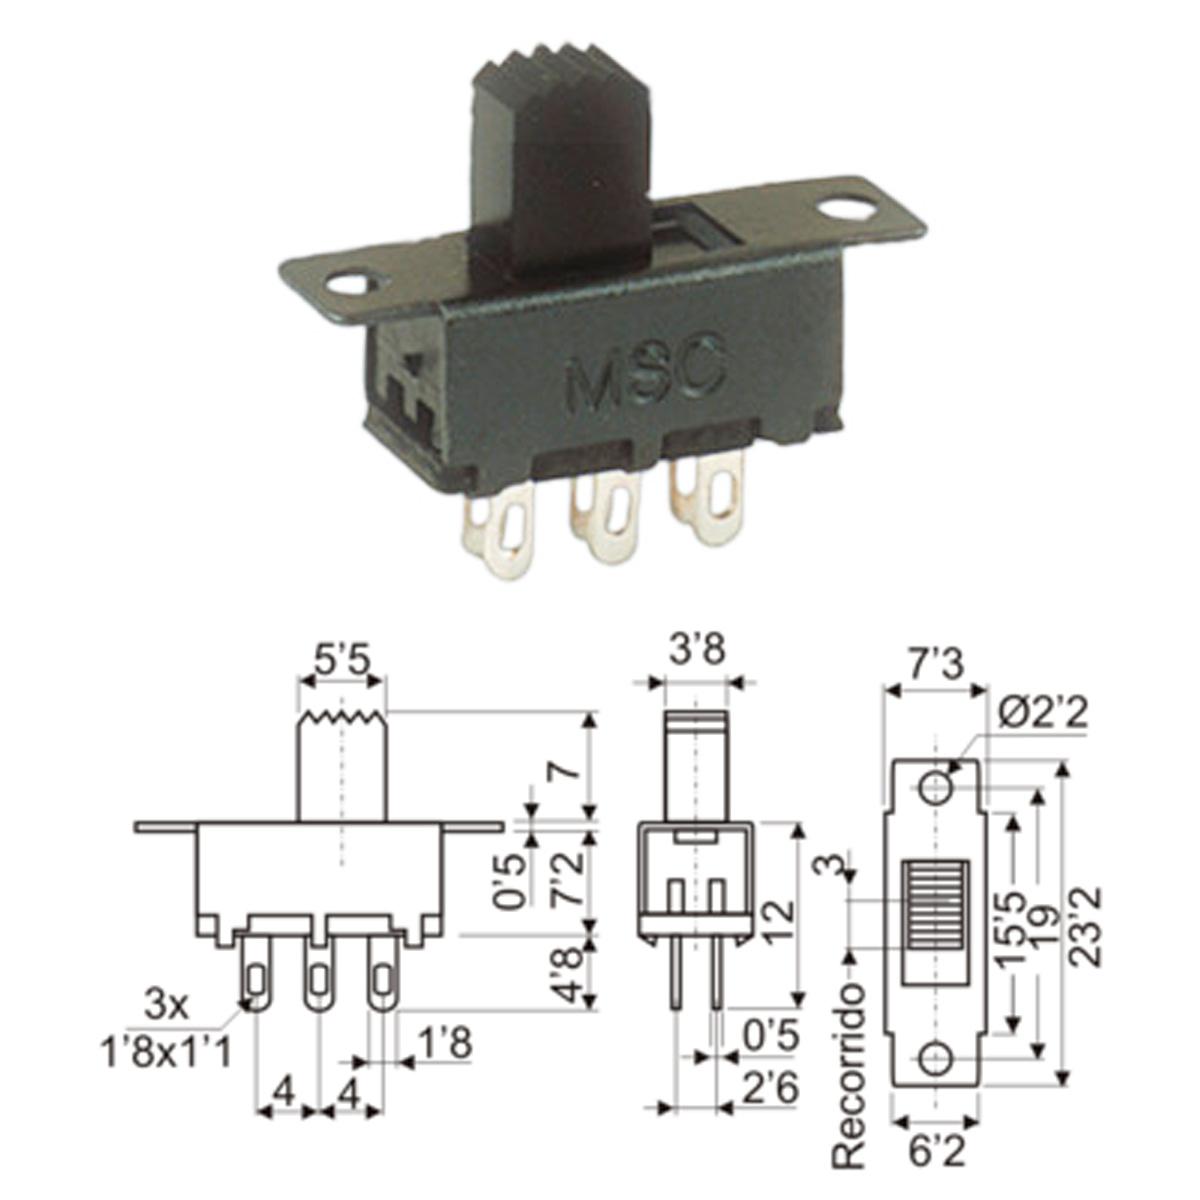 Interruptor conmutador deslizante 2p 2c 15x6x8mm - Conmutador de luz ...